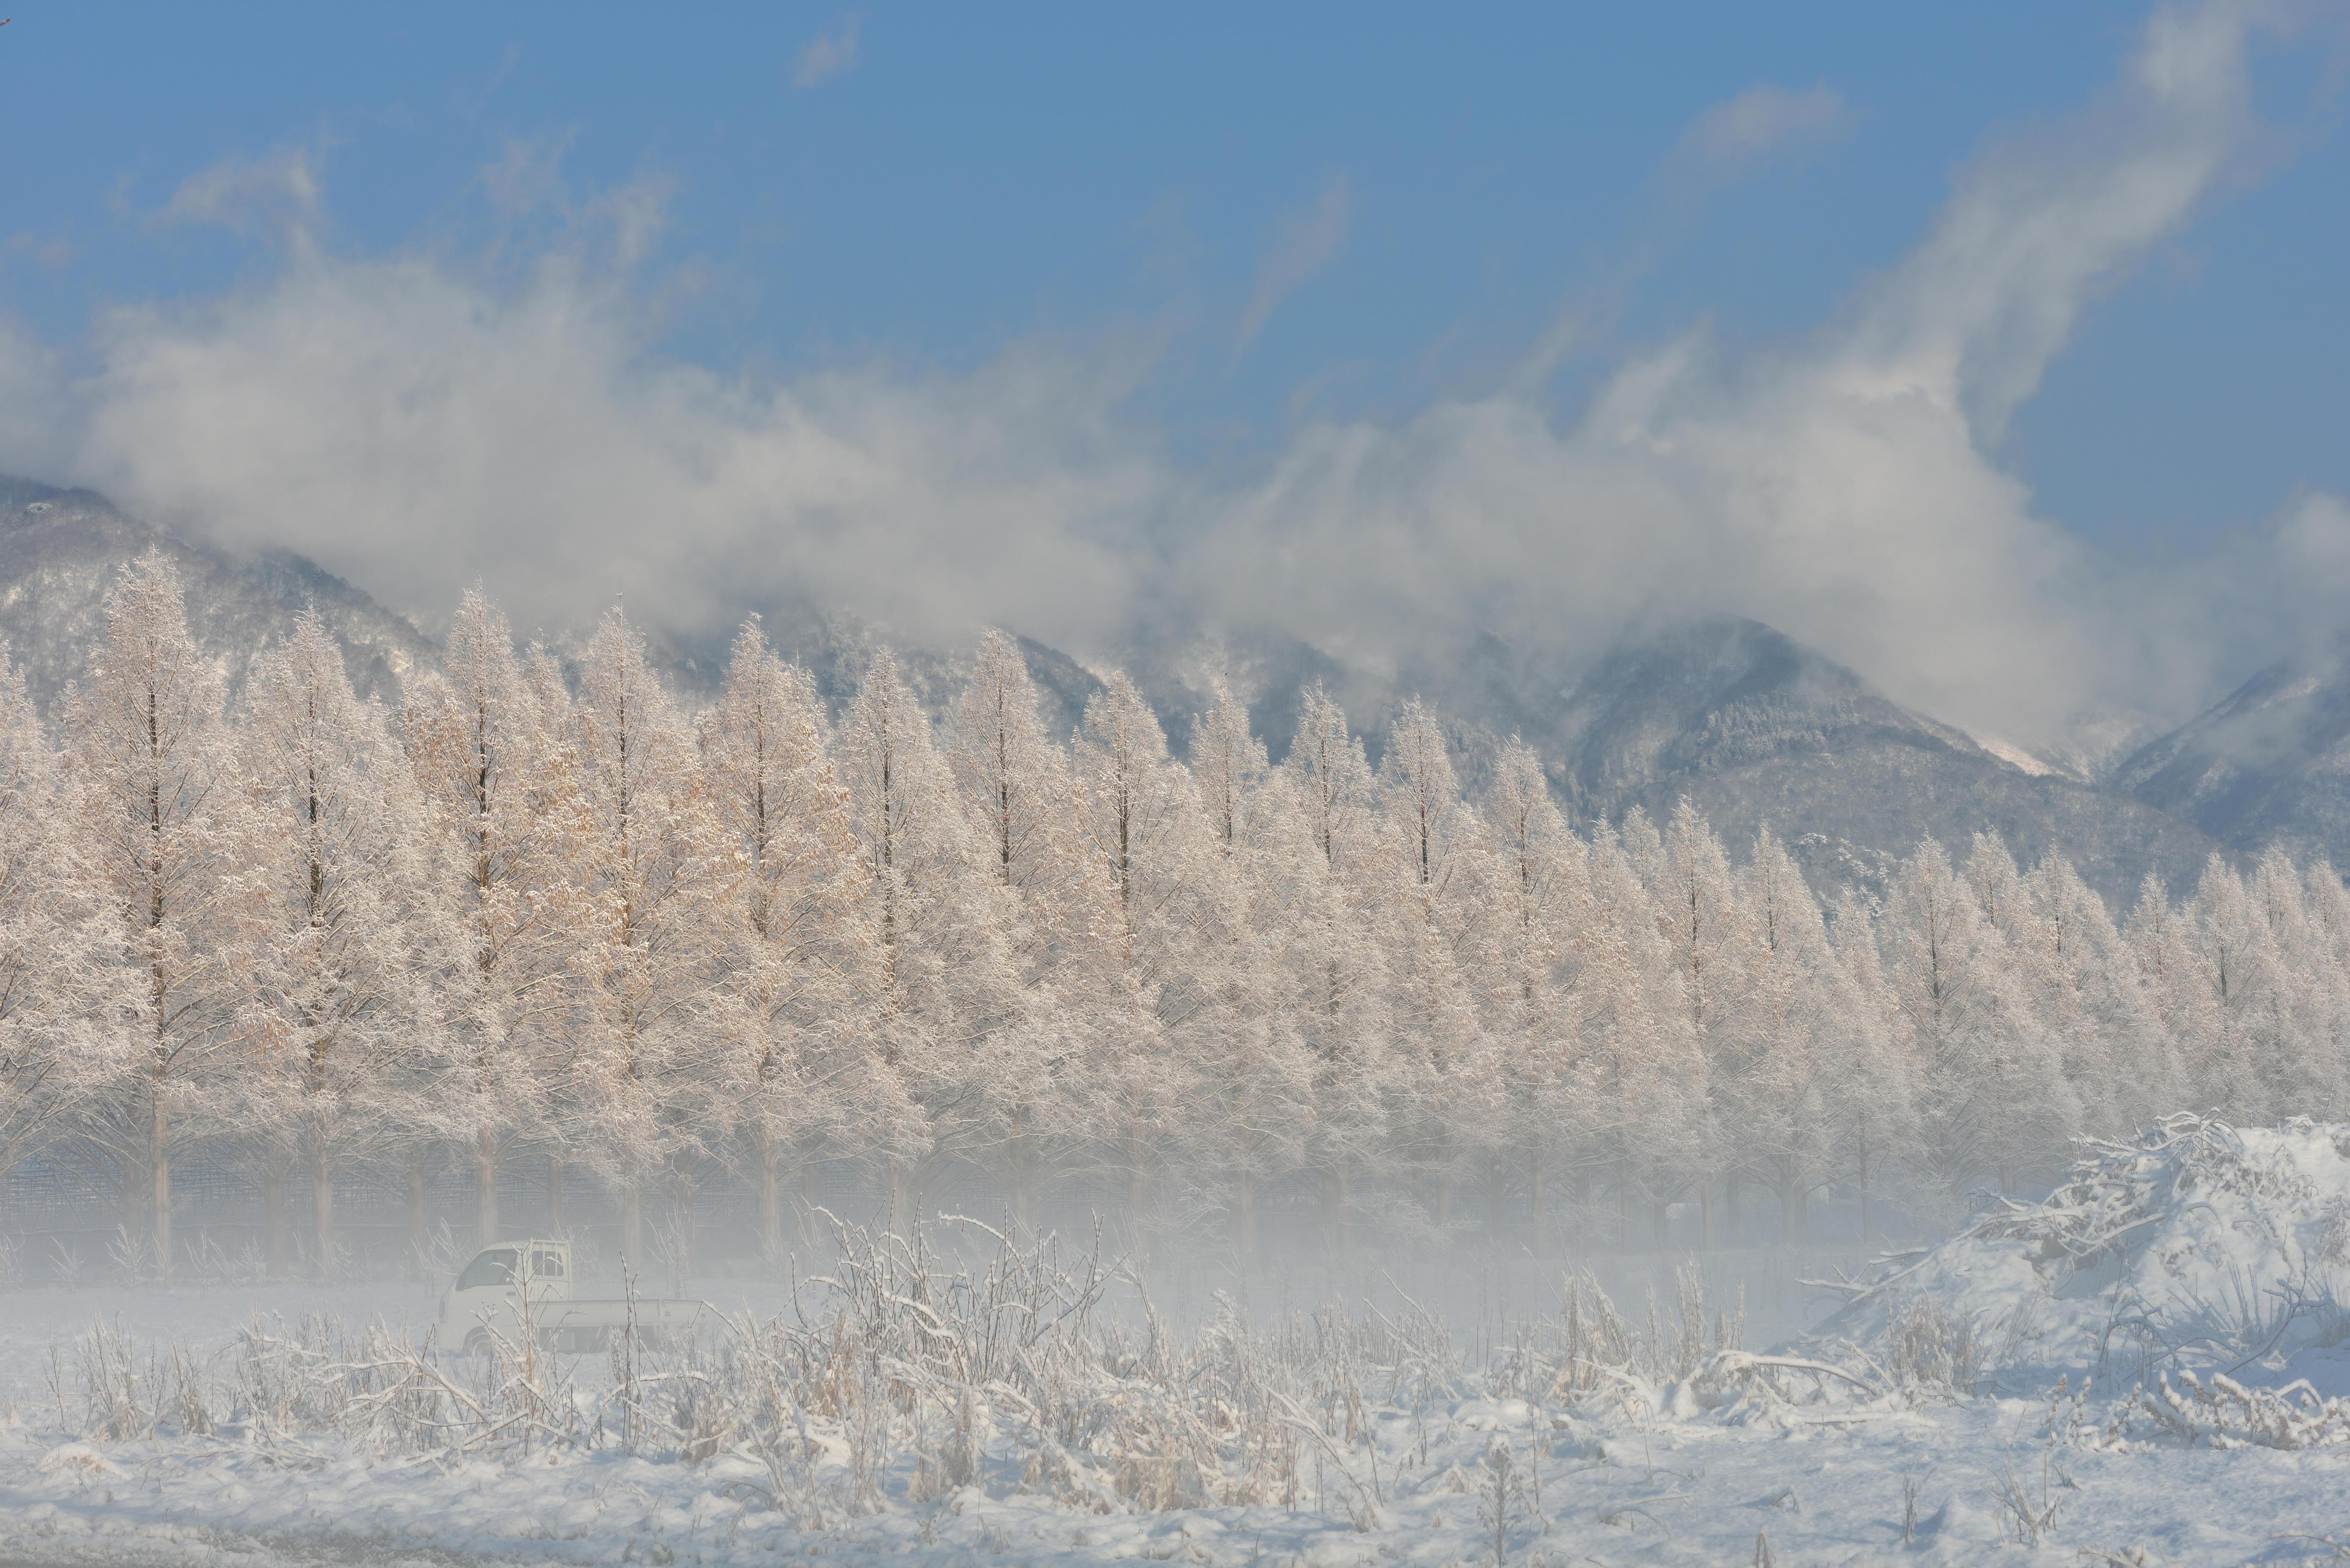 朝霧の中輝く